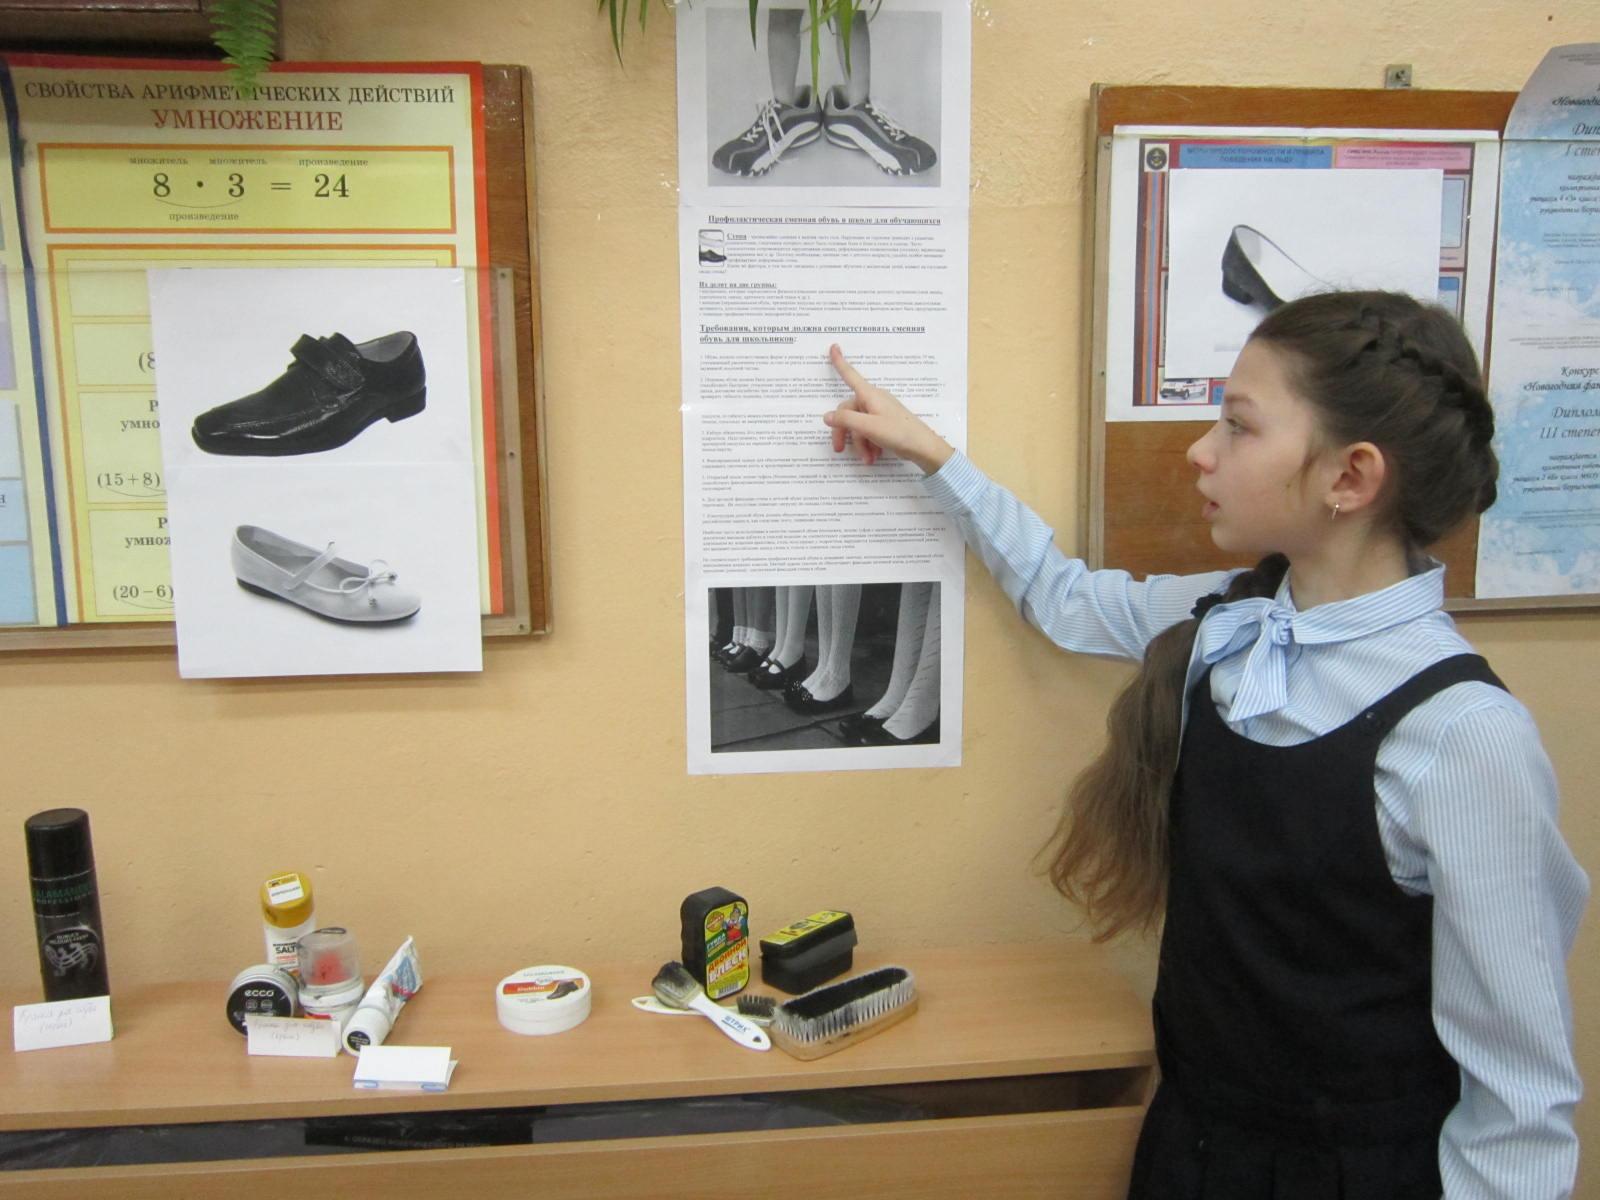 C:\Users\User\Desktop\Дети школы для проекта обувь\Изображение 019.jpg